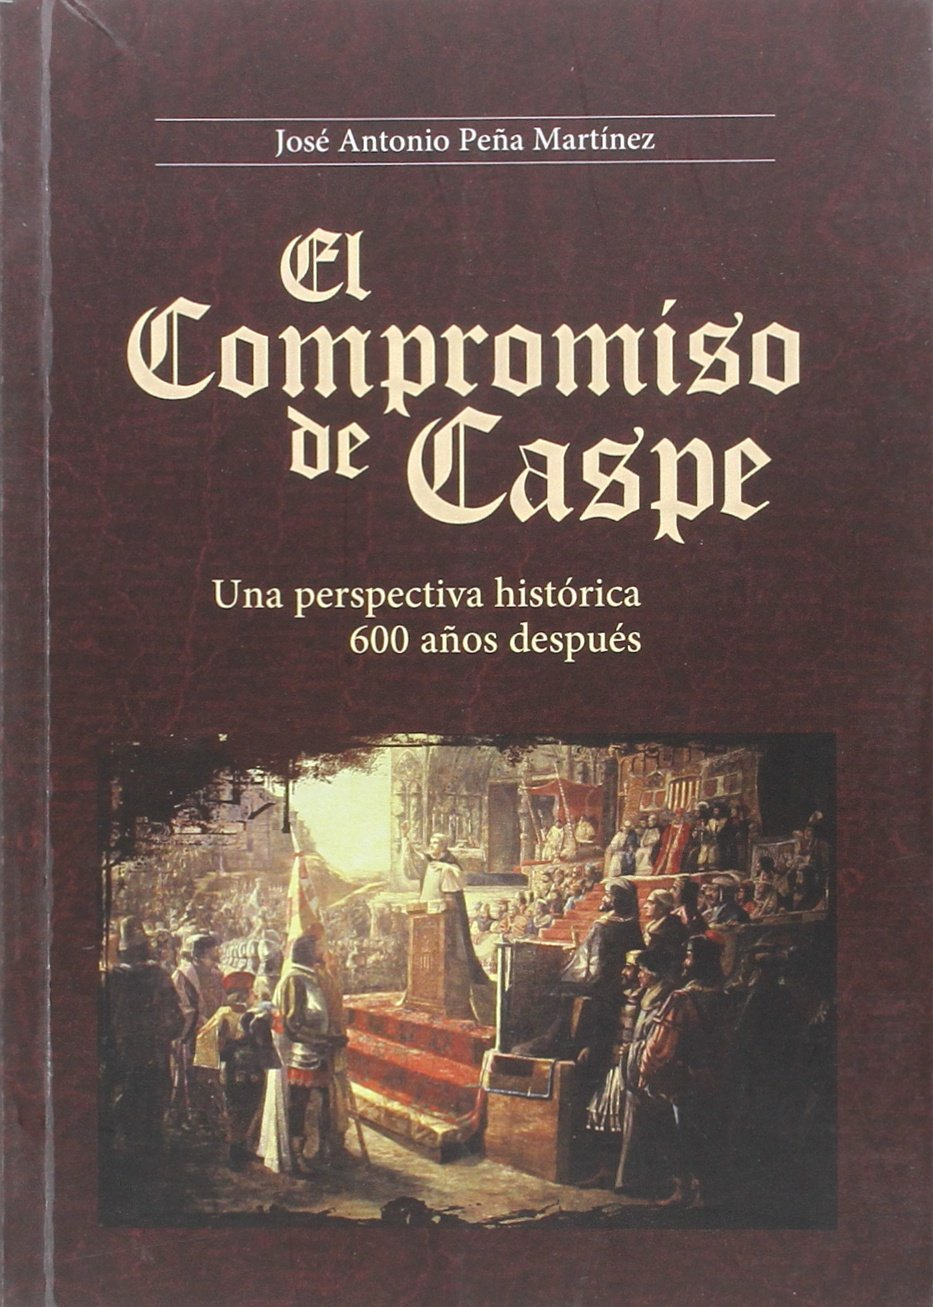 El compromiso de Caspe de José Antonio Peña Martínez. Escritores de hoy, Publicar un libro